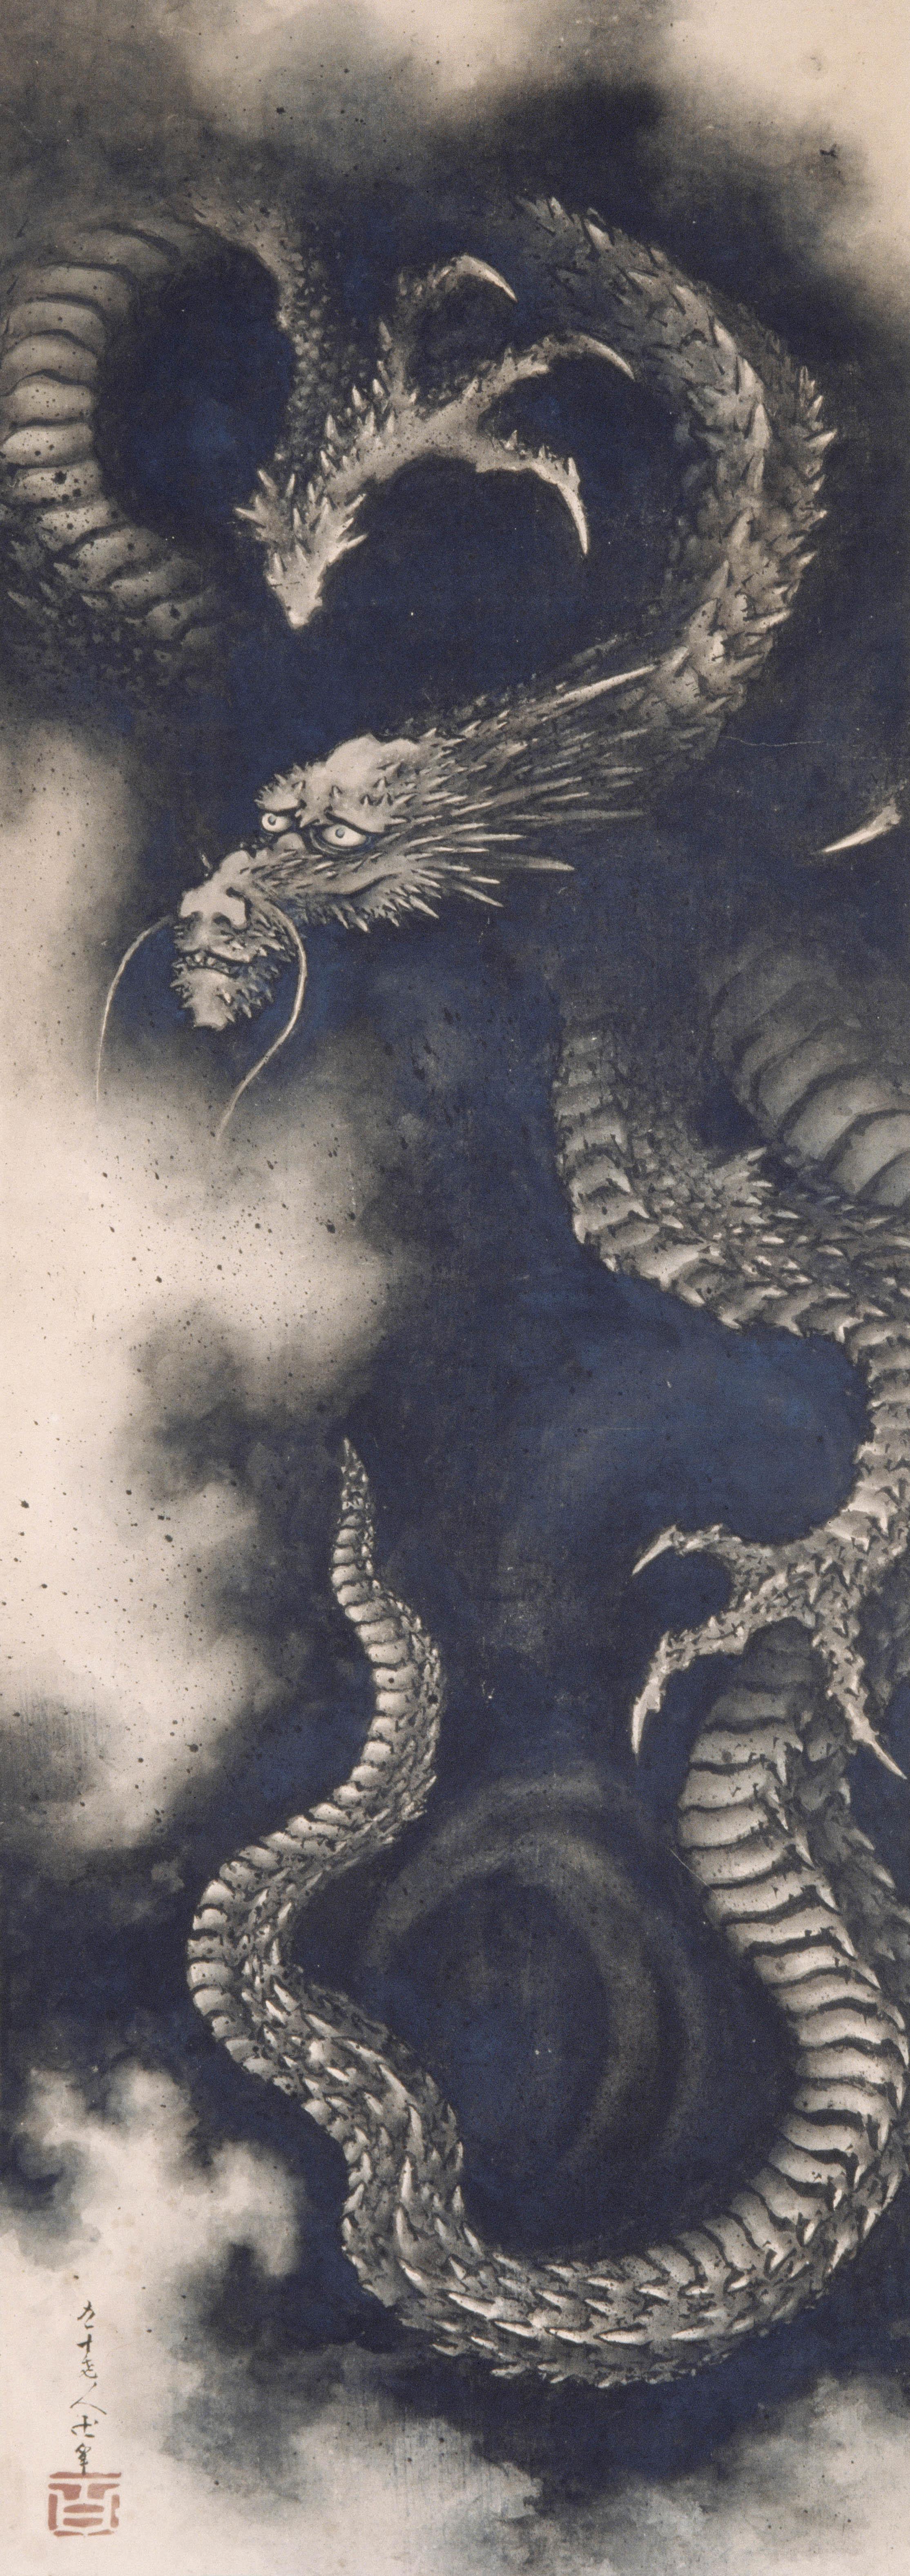 《雲龍図》紙本一幅 嘉永2年(1849) ギメ美術館  Photo (C)MNAAG, Paris, Dist. RMN-Grand Palais / Thierry Ollivier / distributed by AMF   展示期間1月30日(水)~3月4日(月)